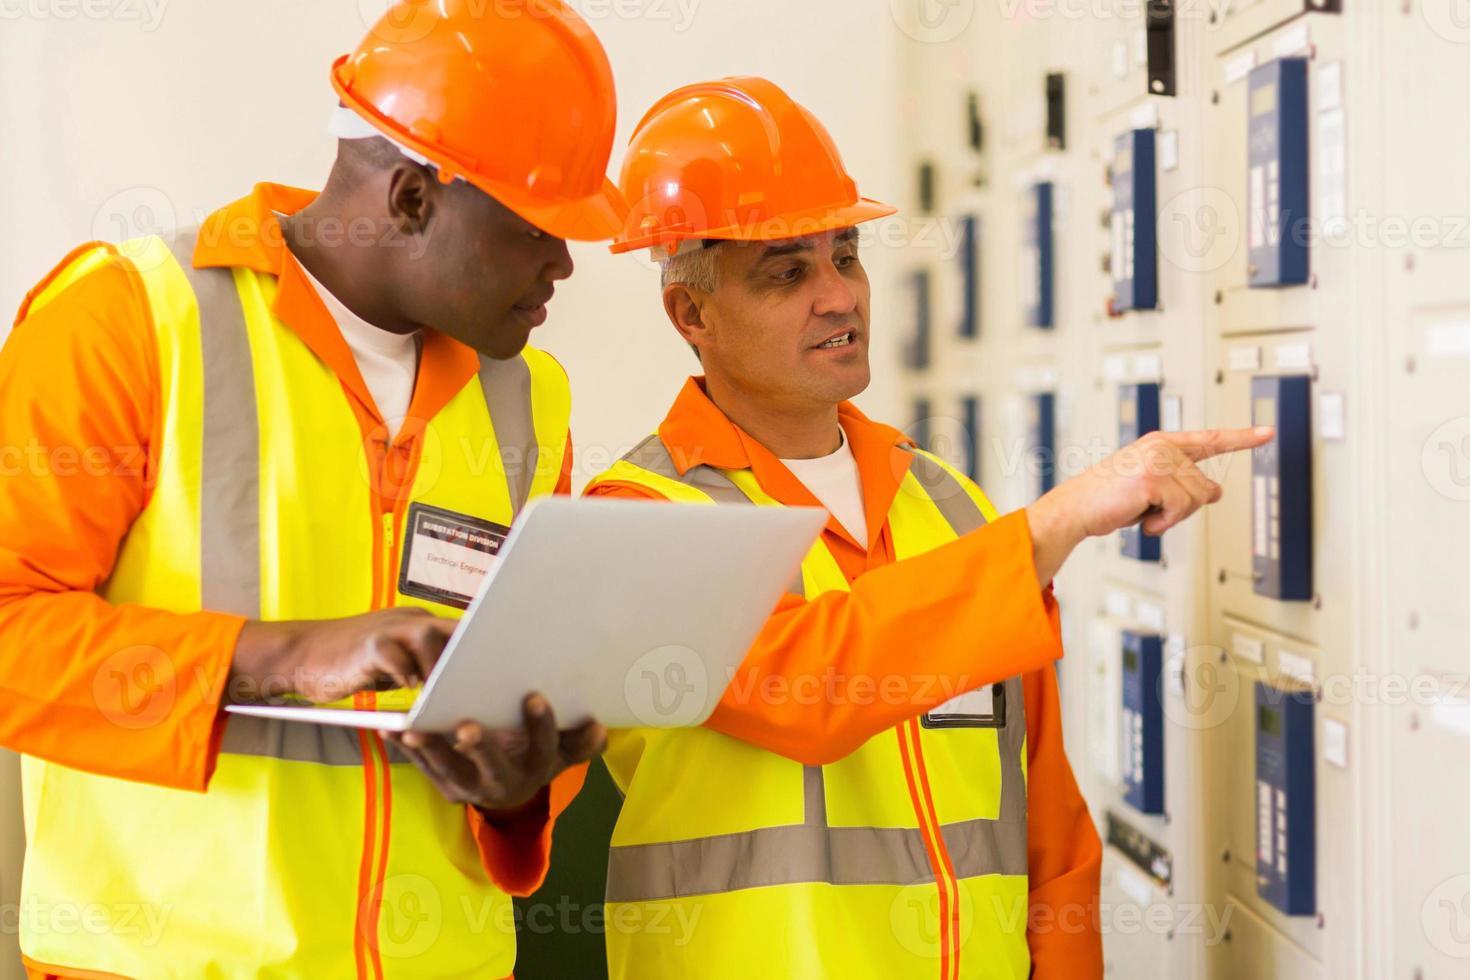 dois eletricistas que verificam a caixa de controle industrial foto